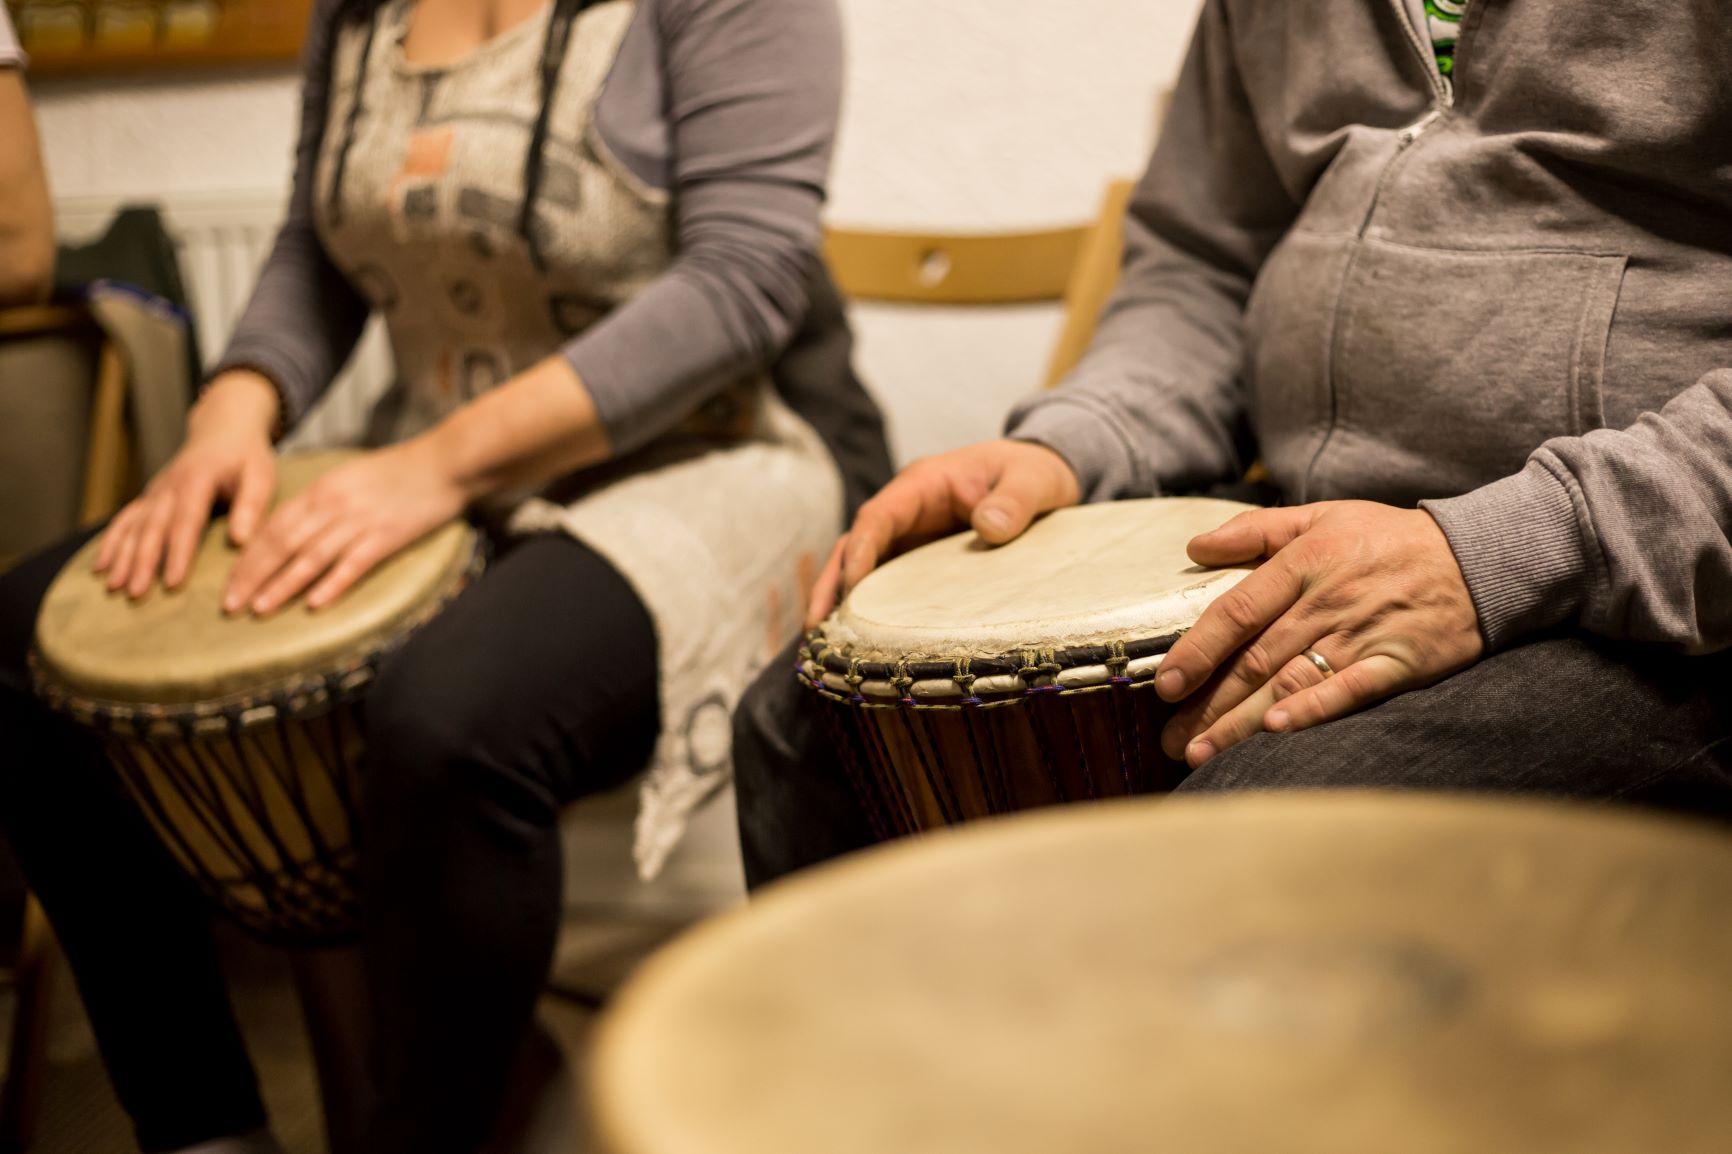 Muzikoterapie je velmi účinná metoda na spoustu obtíží